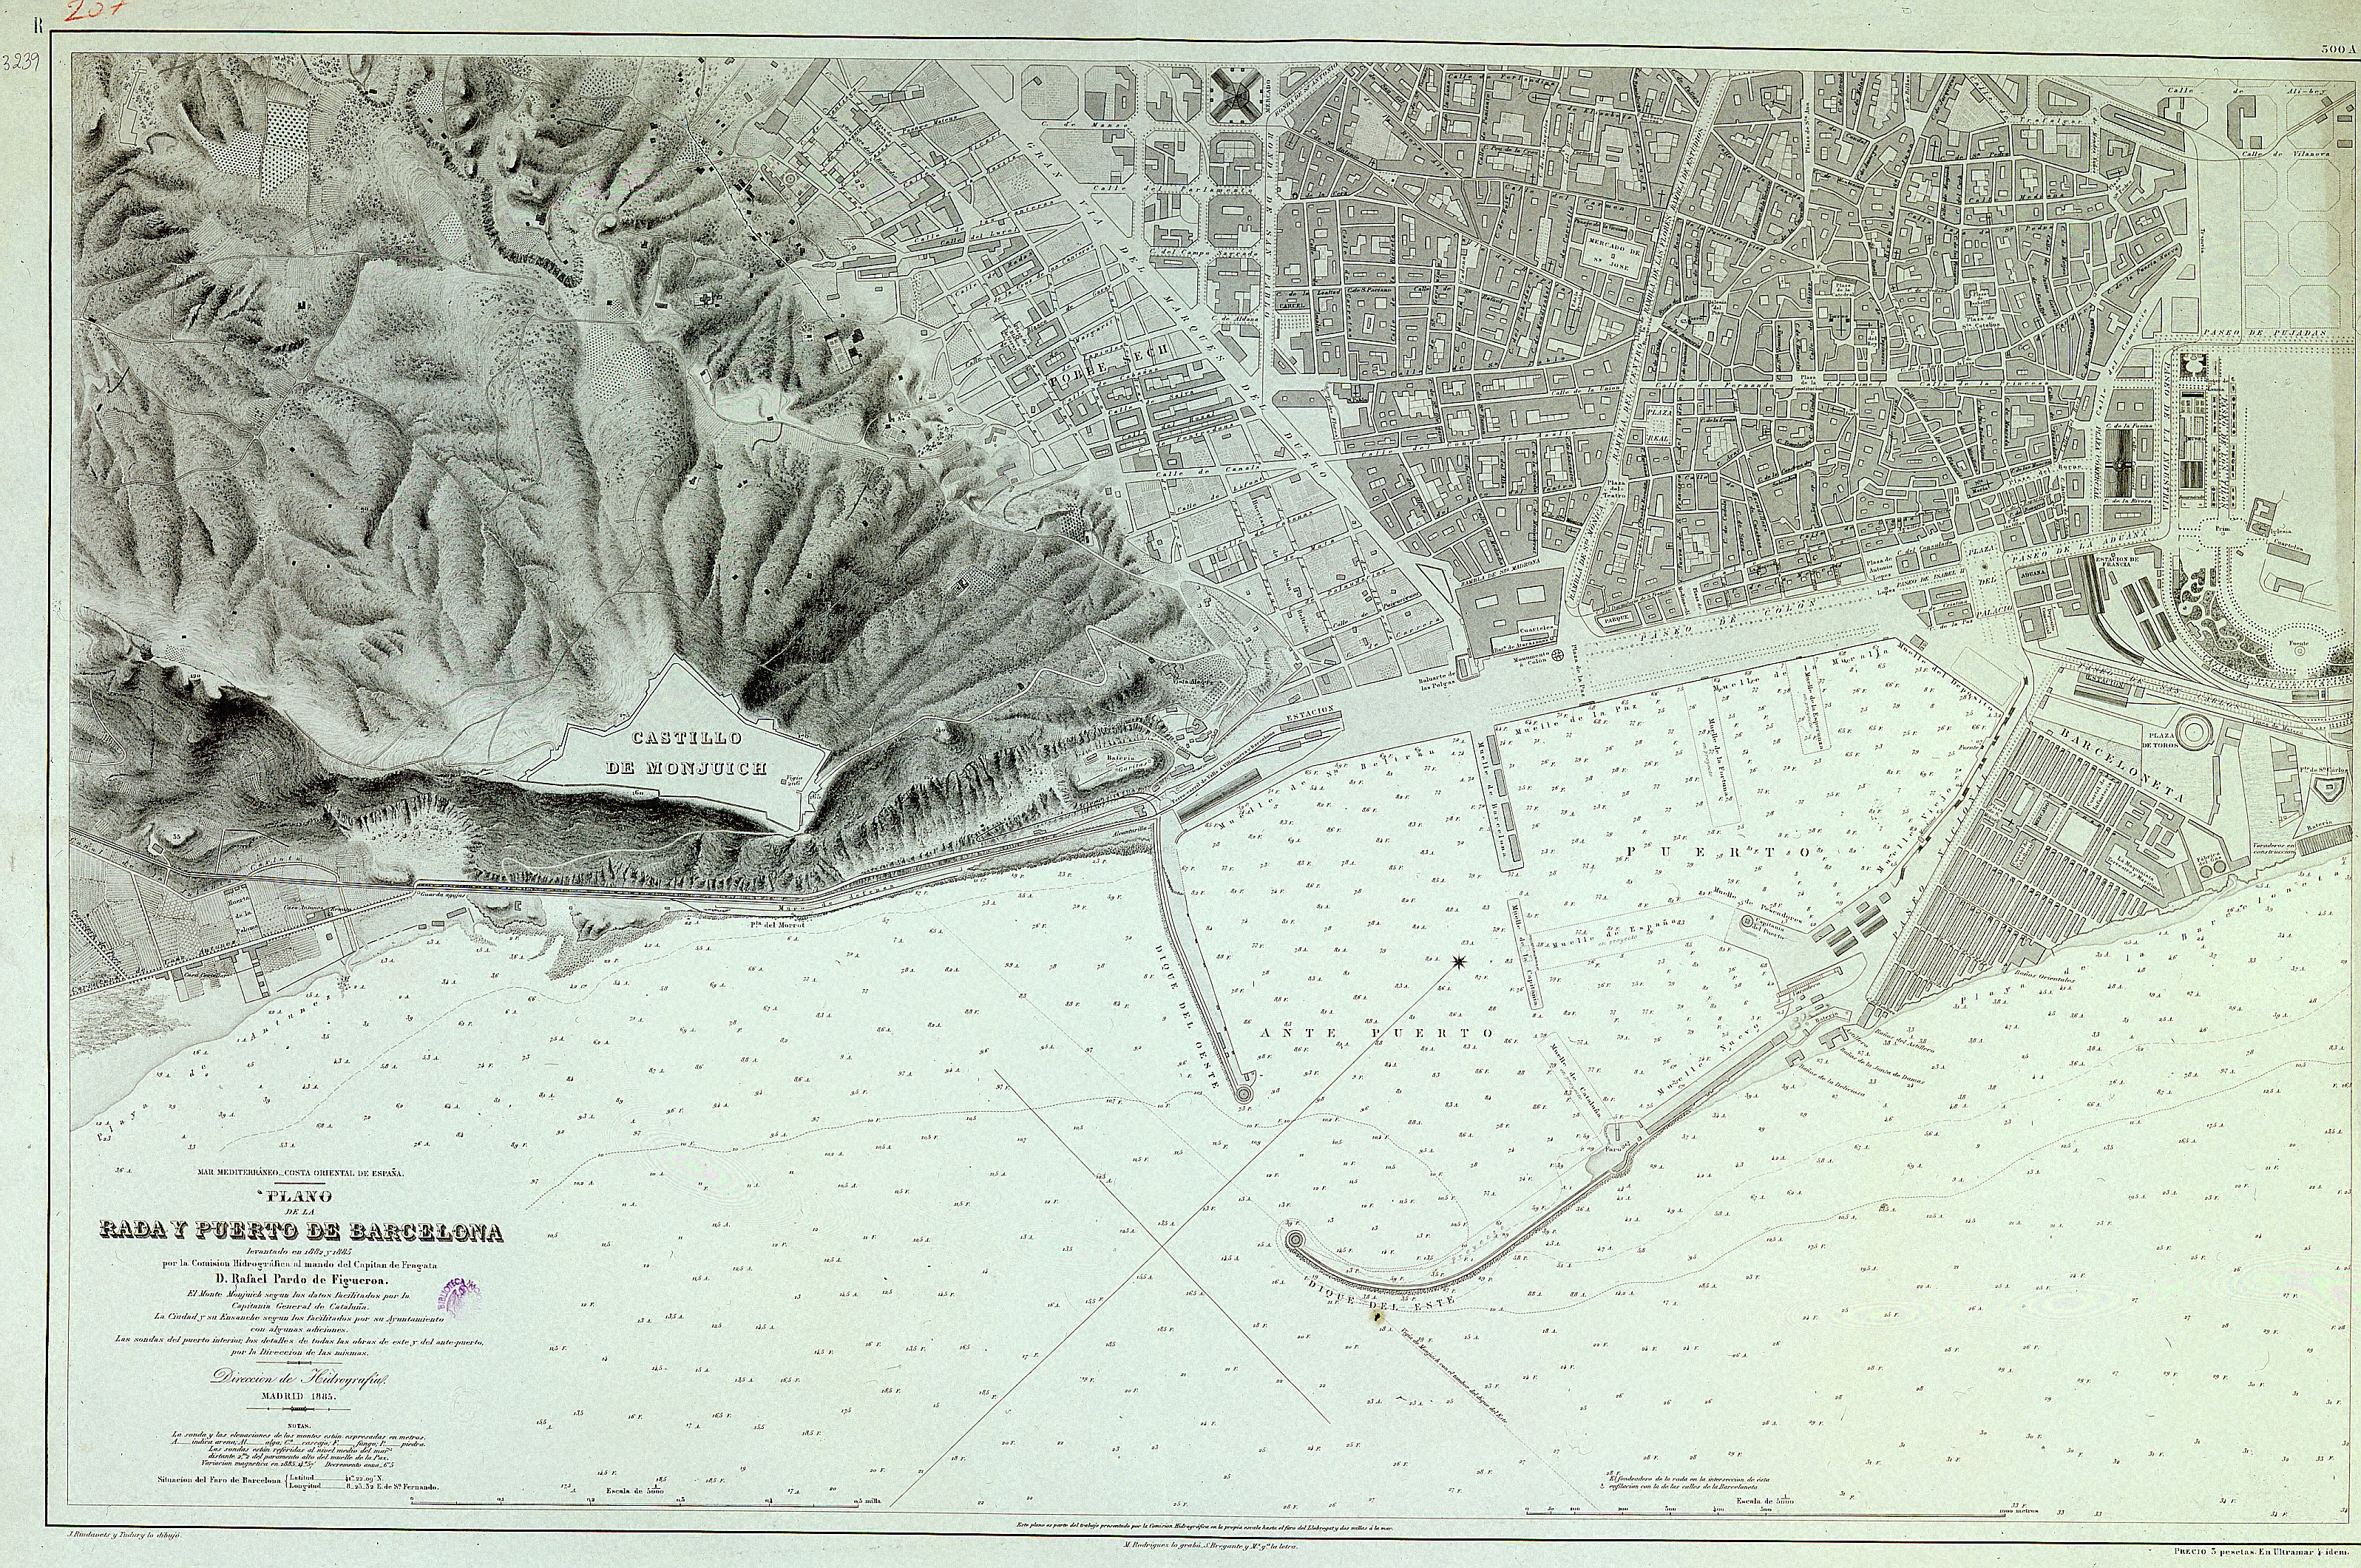 Plano de la rada y puerto de Barcelona 1885